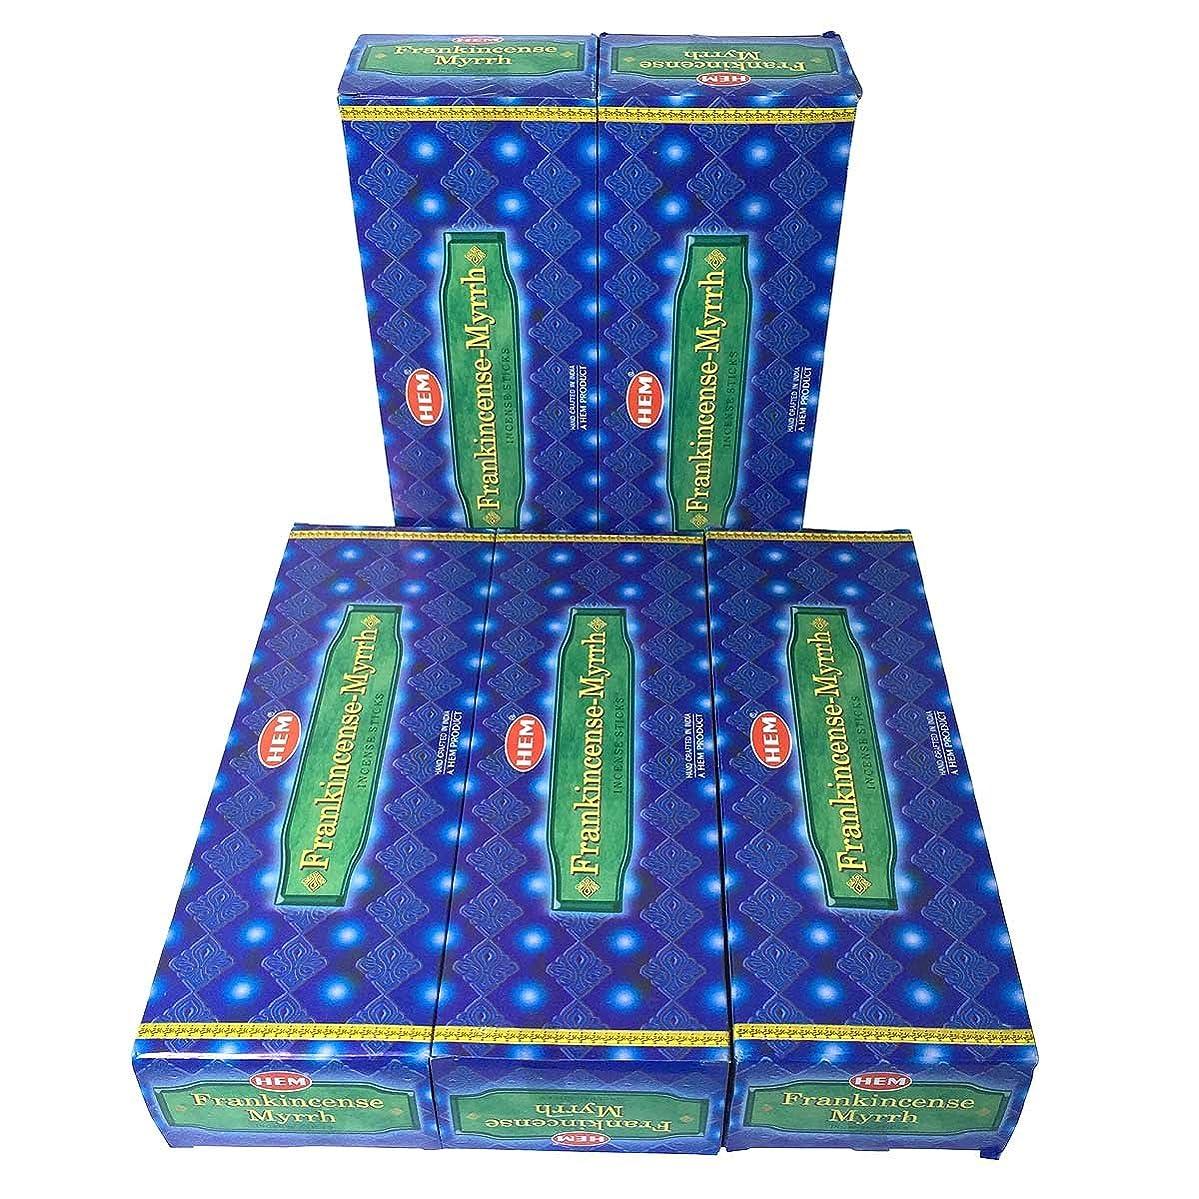 脅威数学者道徳のHEM フランキンセンス-ミルラ香 スティック 5BOX(30箱)/HEM FRANKINCENSE MYRRH/ インド香 / 送料無料 [並行輸入品]